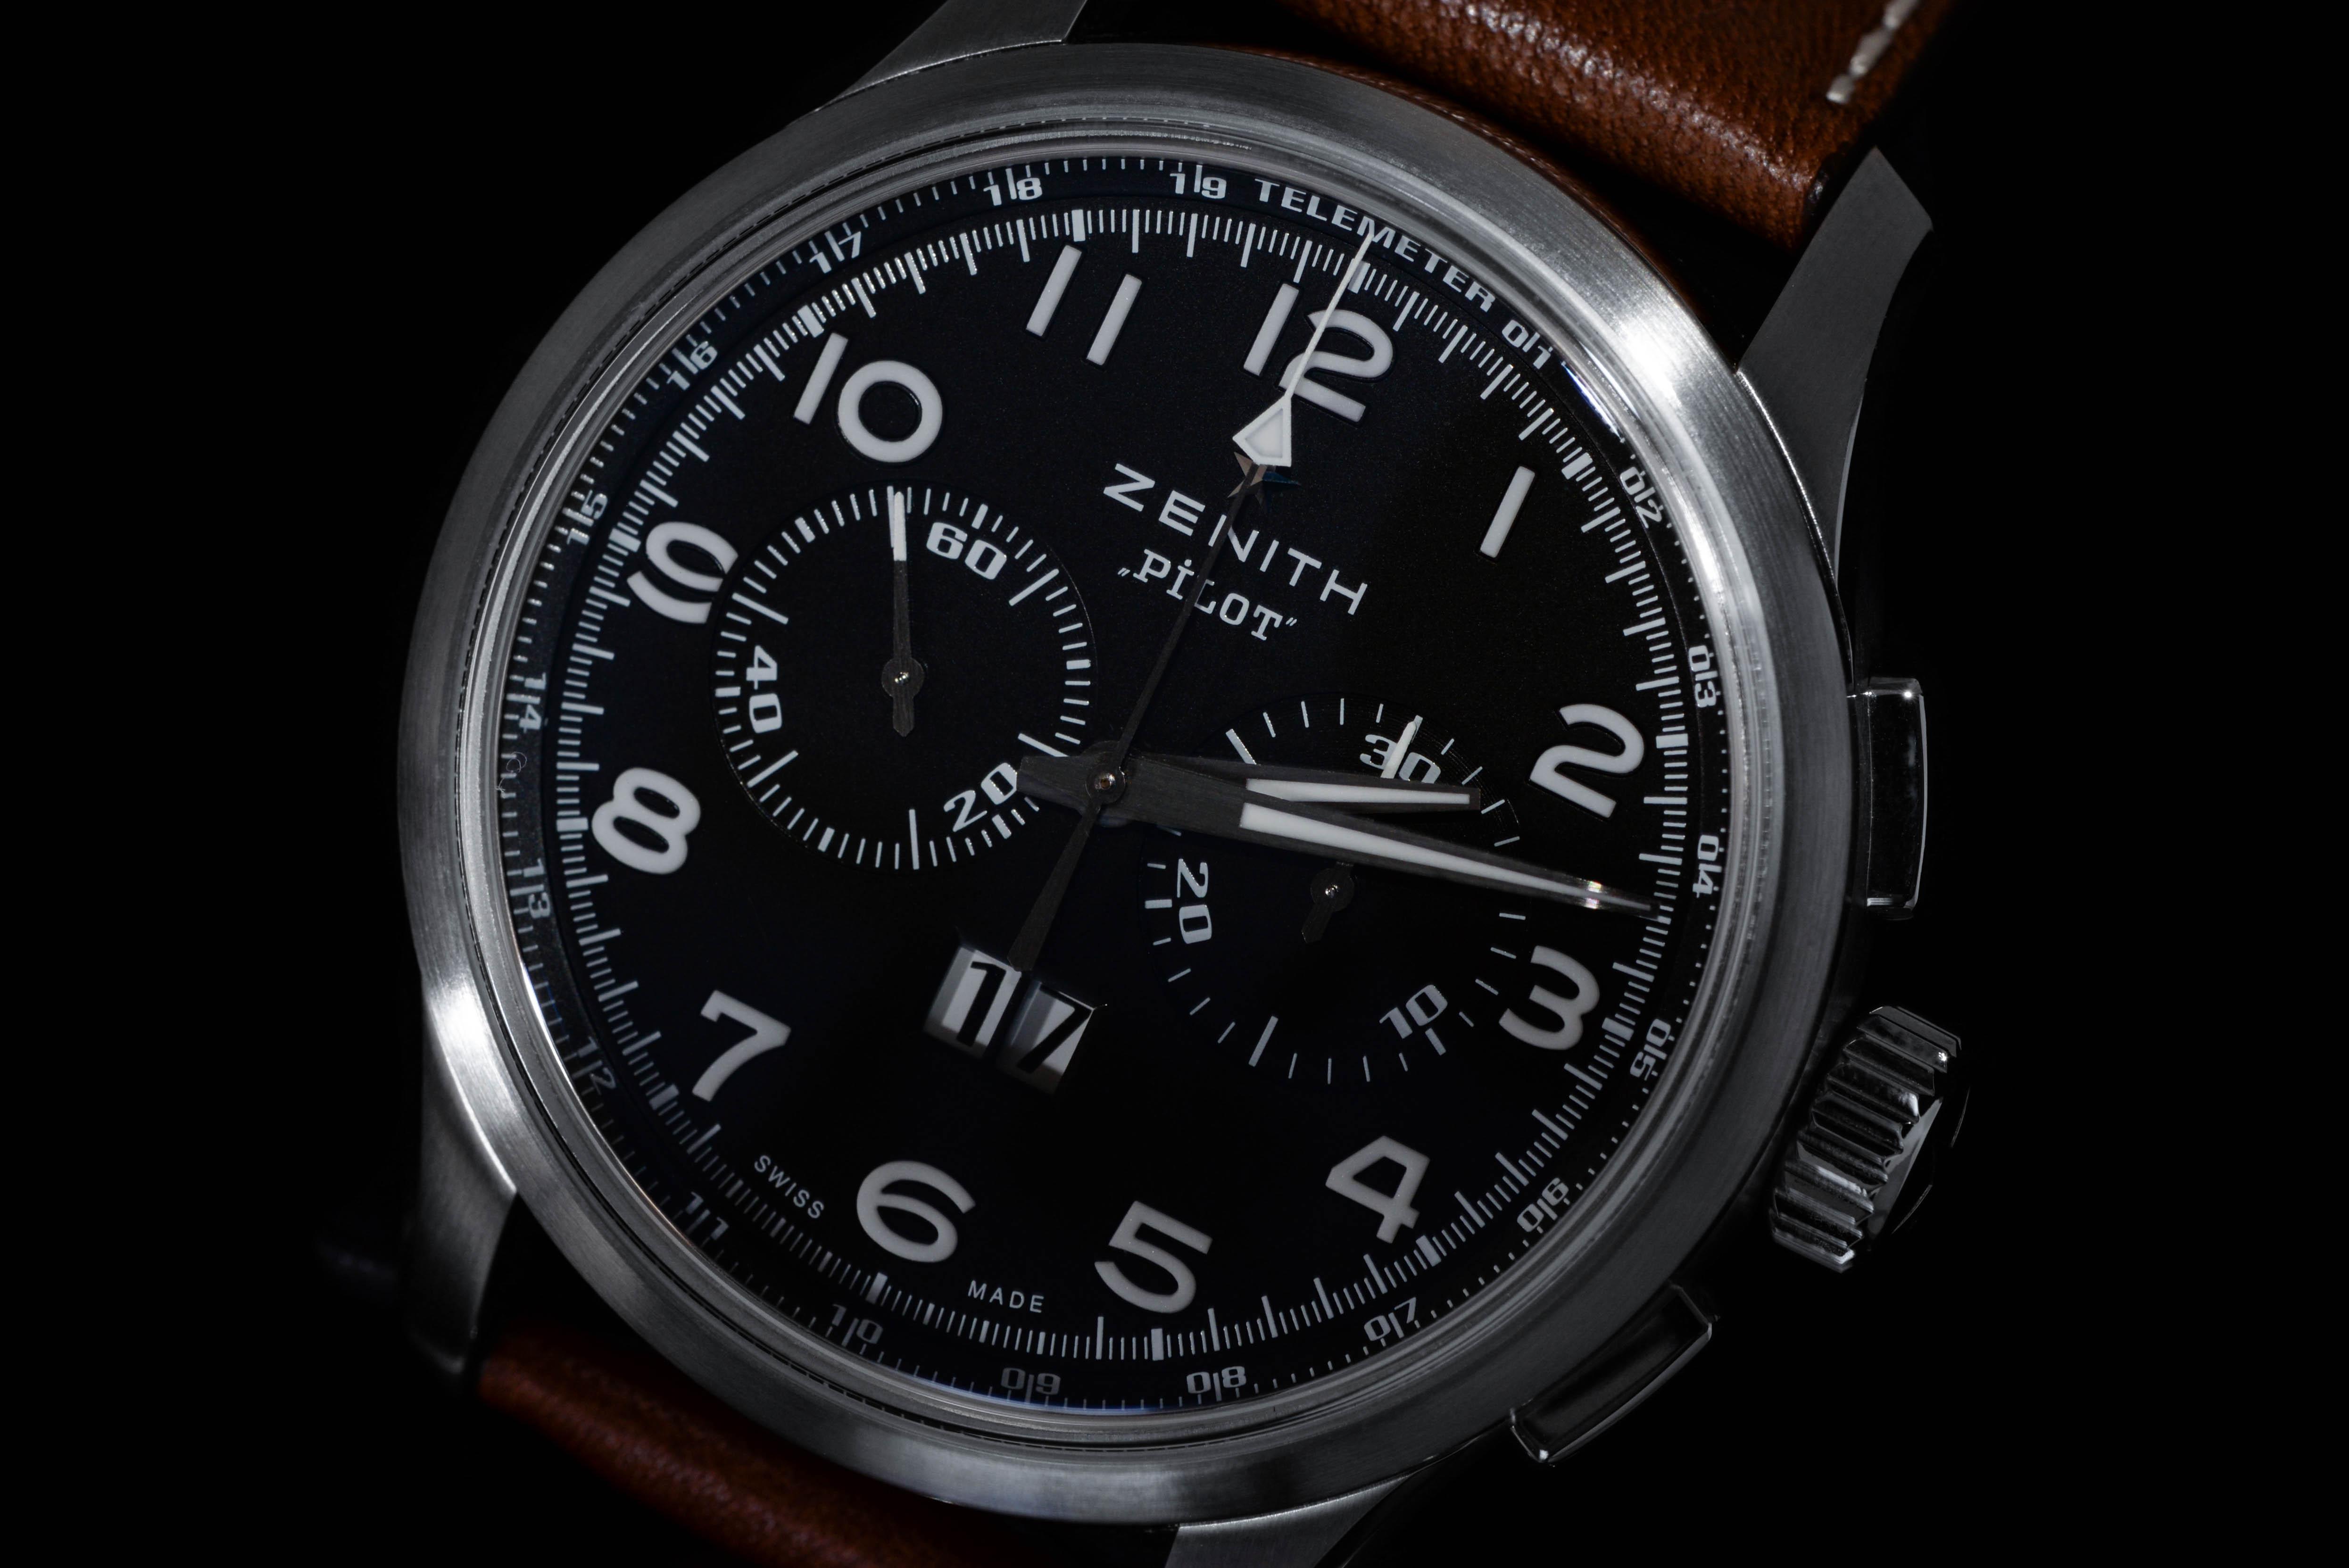 斎藤さんの腕時計はゼニス パイロット ビッグデイト スペシャル Ref.03.2410.4010/21.C722